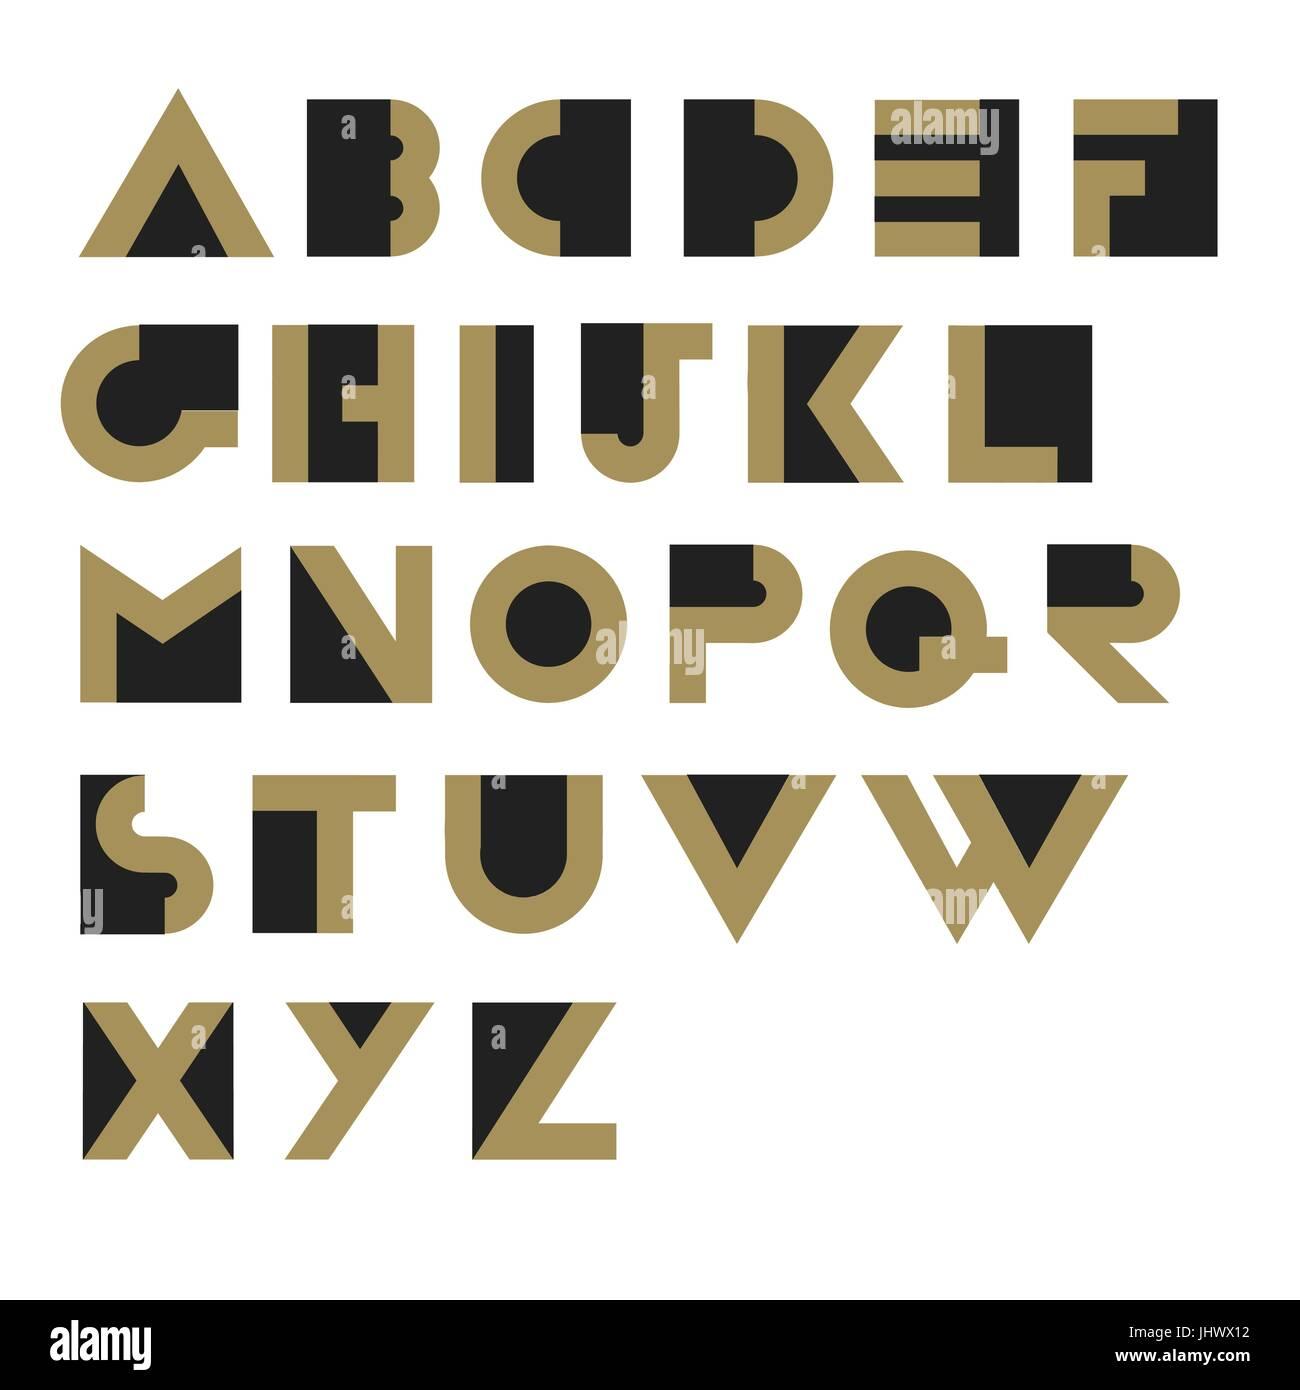 Geometric Retro Alphabet.  Art deco style. Type, font, vintage vector typography - Stock Vector